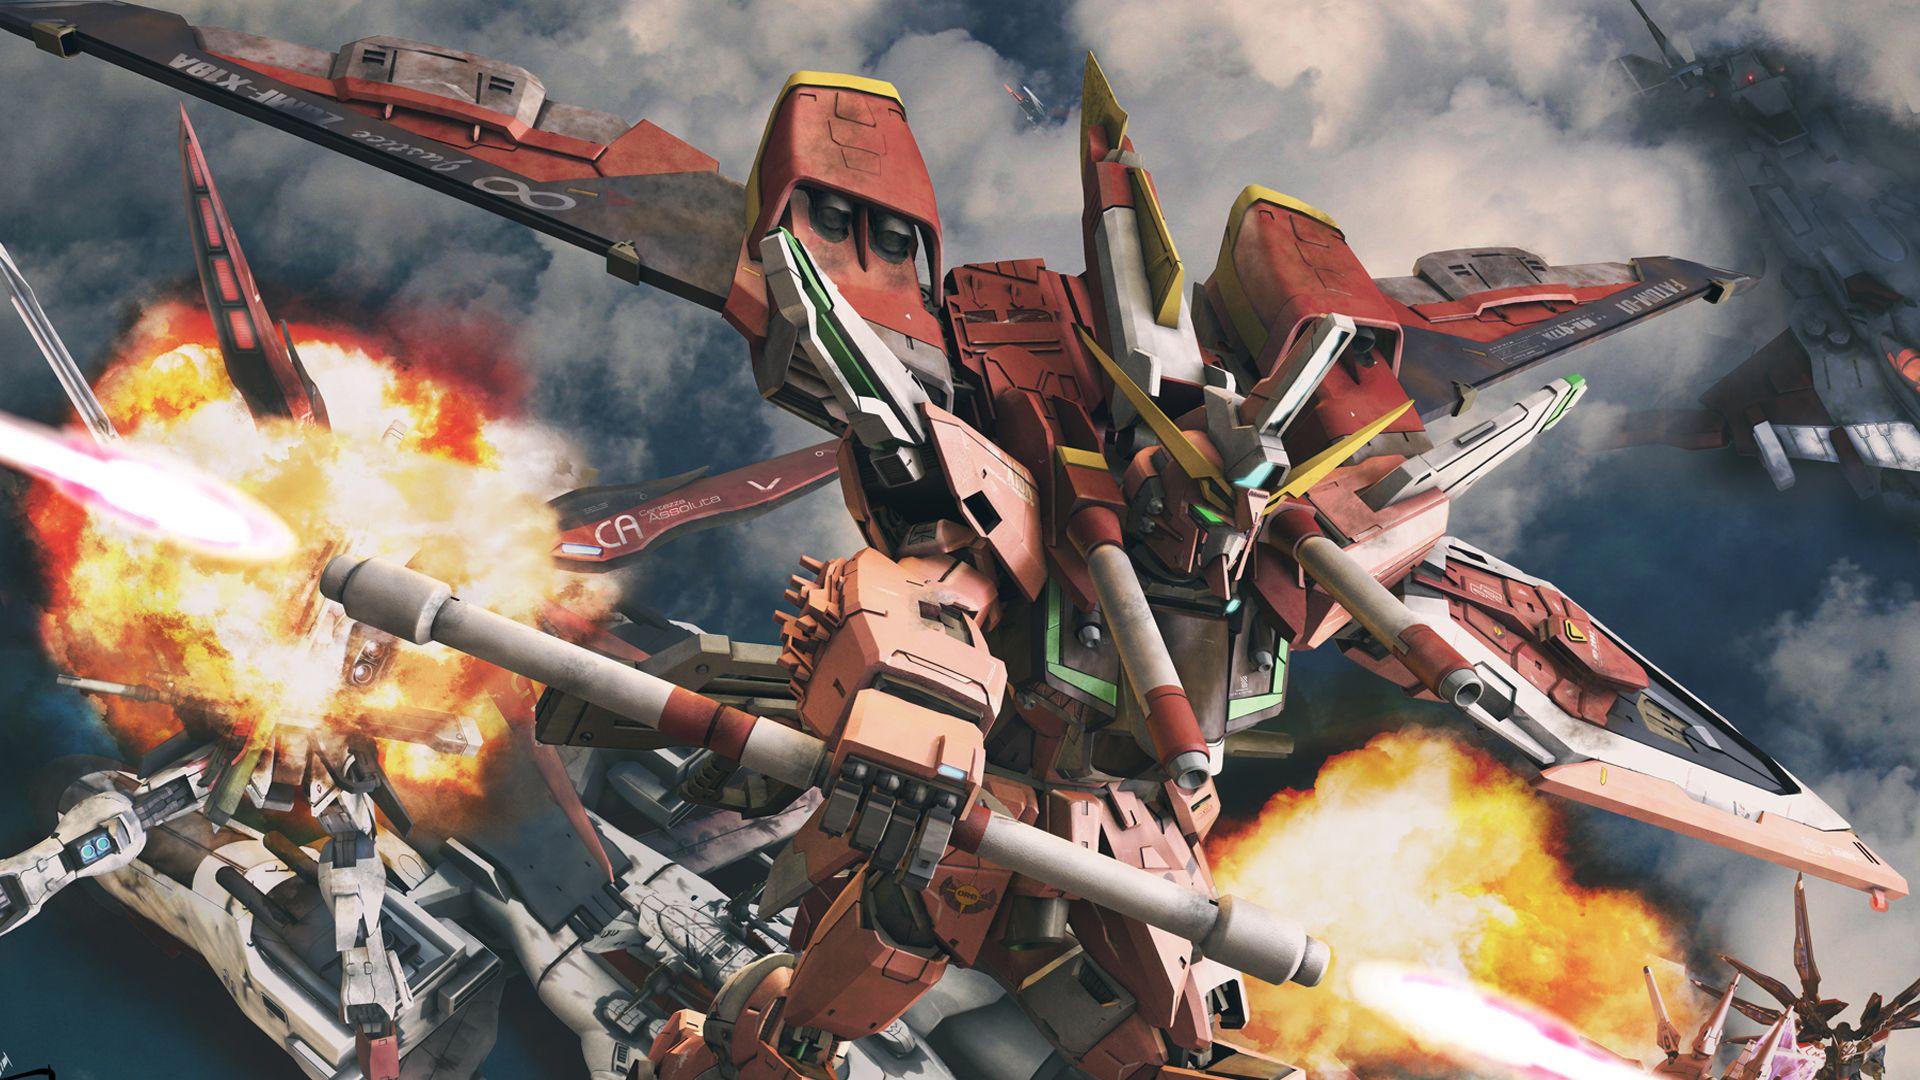 Fondos De Pantalla Gundam Https T Co Xjpeg8gkmx Gundam Wallpapers Gundam Art Gundam